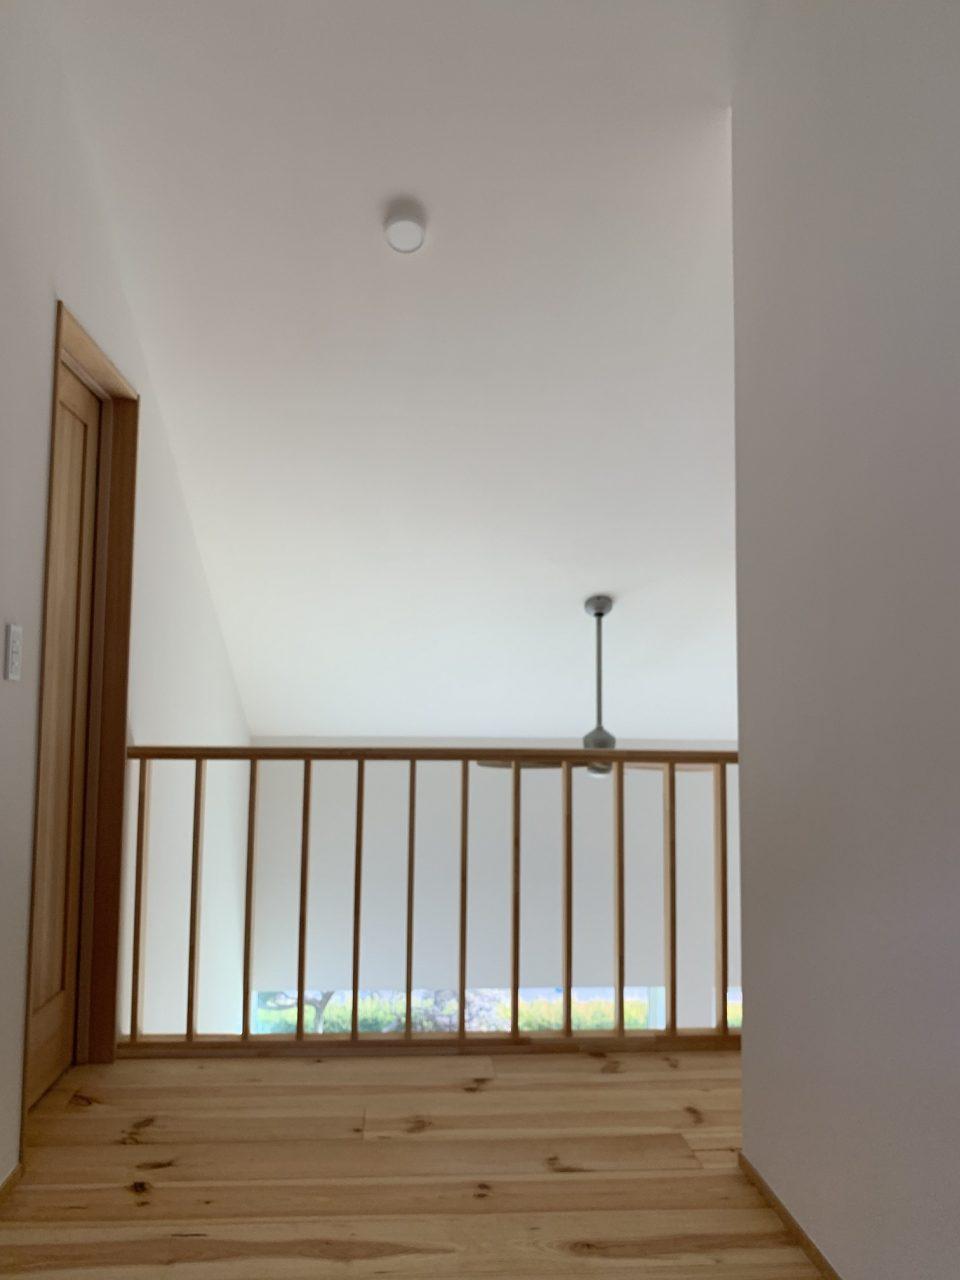 1階の窓から勾配天井を照らす光のグラデーションがきれい。 勾配天井には断熱材がみっちり入っているので、基本的に埋め込み式のダウンライトはやめてもらっている。